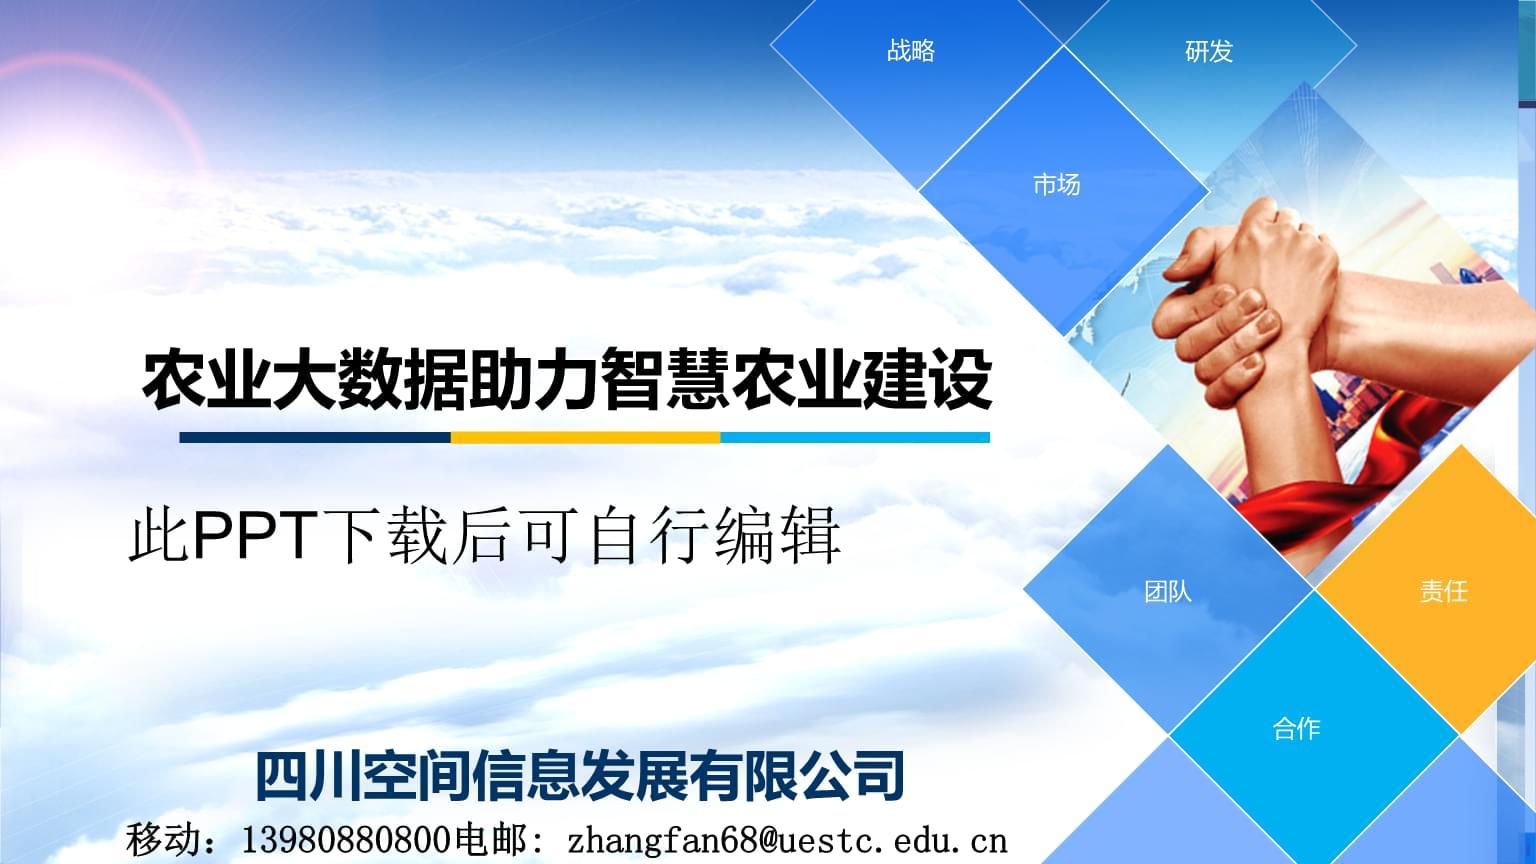 农业大数据助力智慧农业建设策划方案.ppt